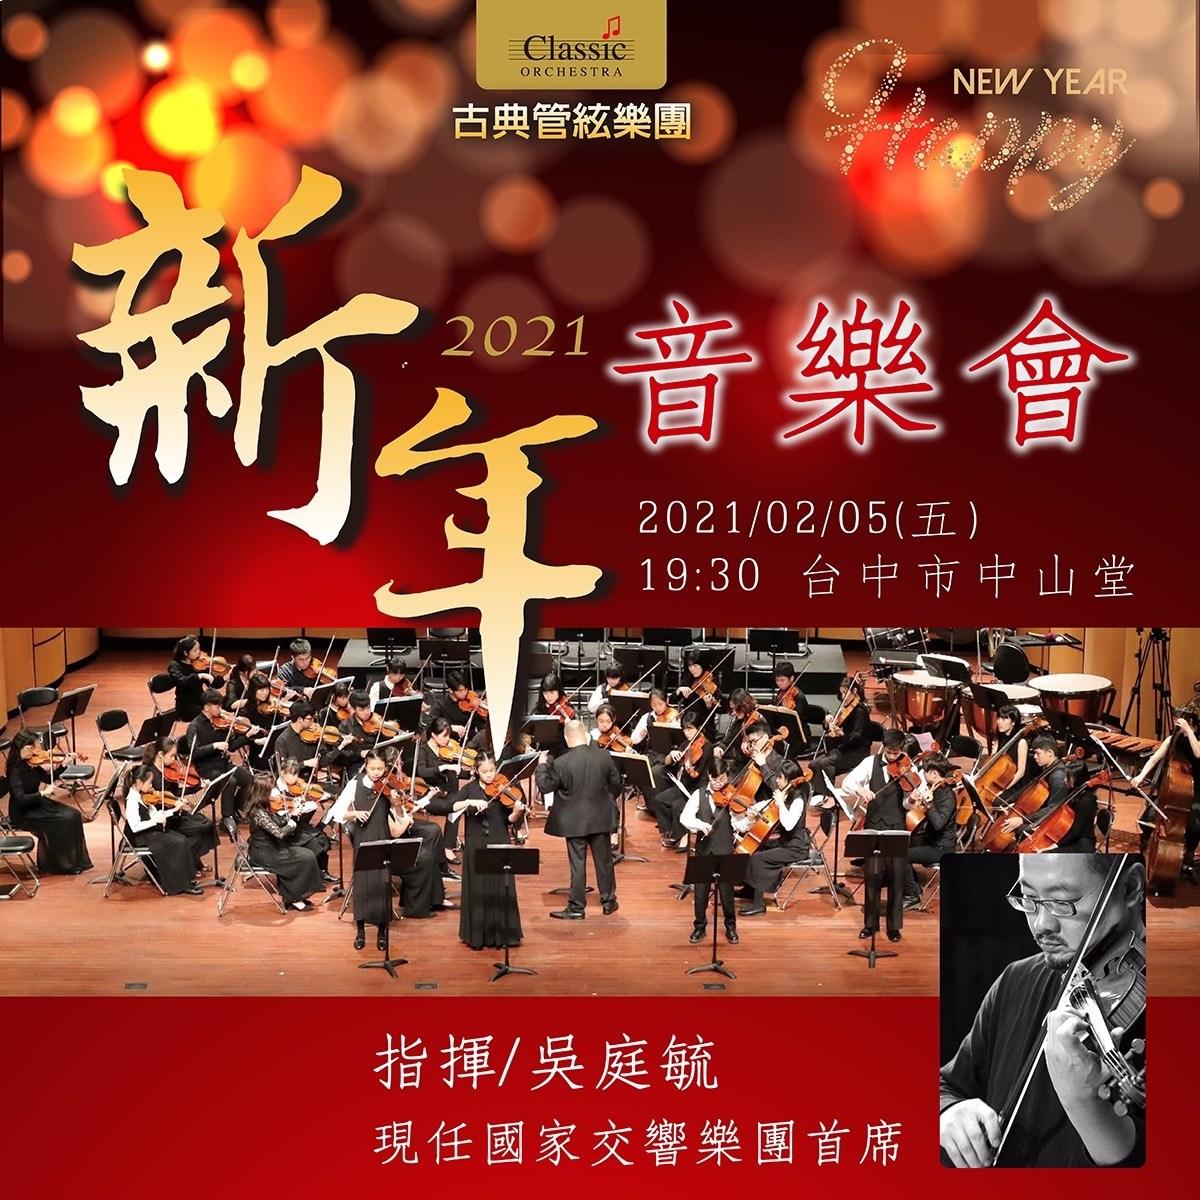 2021新年音樂會